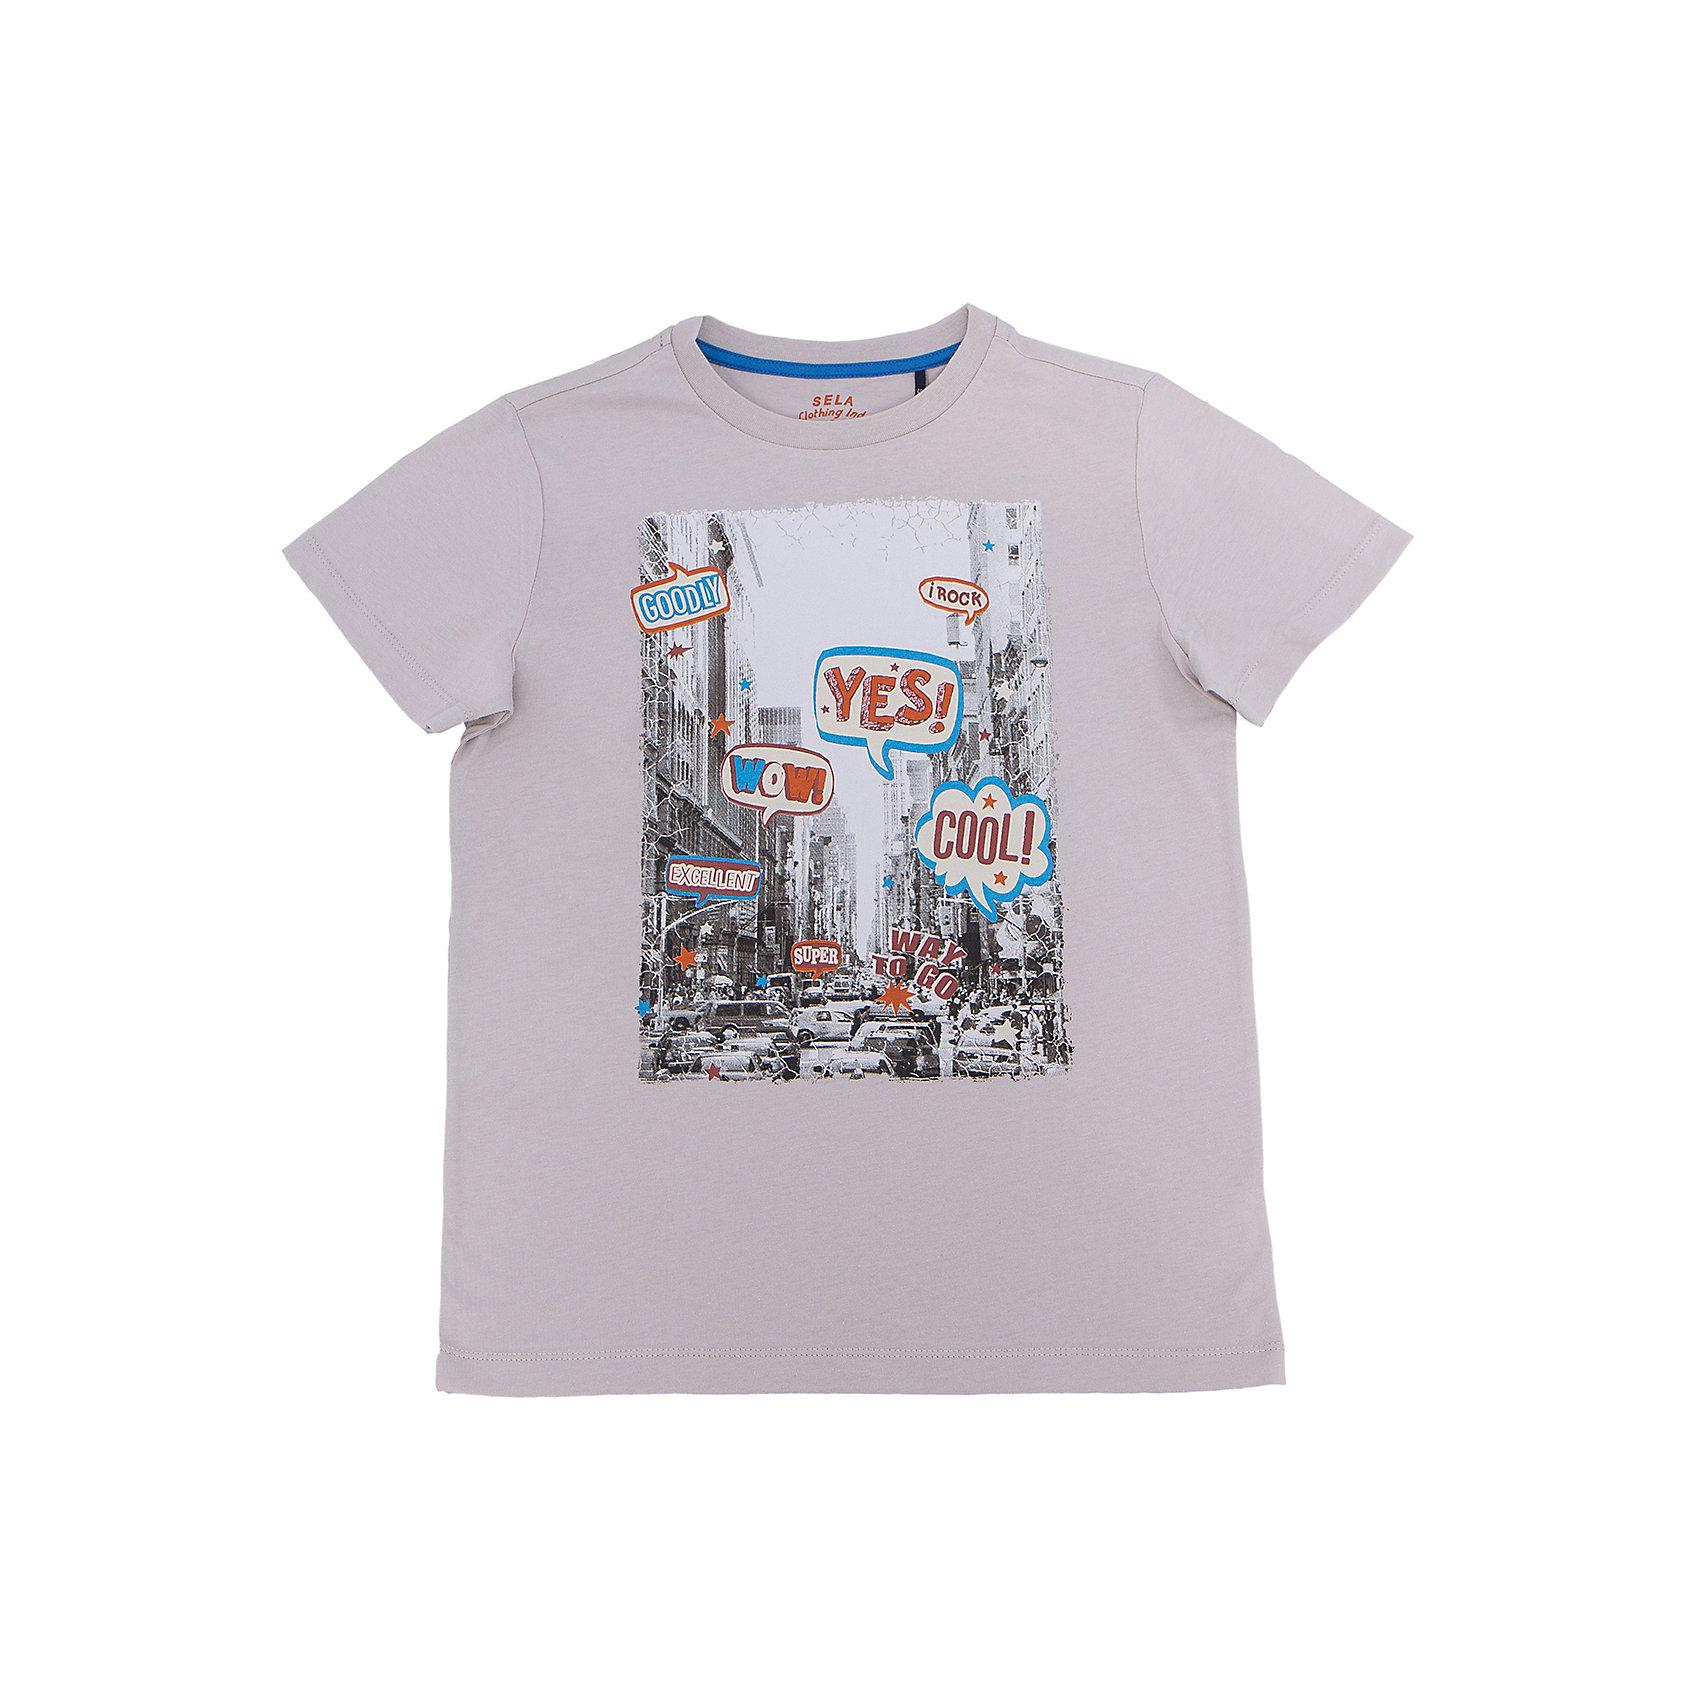 Футболка для мальчика SELAФутболки, поло и топы<br>Характеристики товара:<br><br>• цвет: серый<br>• состав: 100% хлопок<br>• принт<br>• короткие рукава<br>• округлый горловой вырез<br>• коллекция весна-лето 2017<br>• страна бренда: Российская Федерация<br><br>В новой коллекции SELA отличные модели одежды! Эта футболка для мальчика поможет разнообразить гардероб ребенка и обеспечить комфорт. Она отлично сочетается с джинсами и брюками. В составе ткани -только дышащий гипоаллергенный хлопок!<br><br>Одежда, обувь и аксессуары от российского бренда SELA не зря пользуются большой популярностью у детей и взрослых! Модели этой марки - стильные и удобные, цена при этом неизменно остается доступной. Для их производства используются только безопасные, качественные материалы и фурнитура. Новая коллекция поддерживает хорошие традиции бренда! <br><br>Футболку для мальчика от популярного бренда SELA (СЕЛА) можно купить в нашем интернет-магазине.<br><br>Ширина мм: 230<br>Глубина мм: 40<br>Высота мм: 220<br>Вес г: 250<br>Цвет: серый<br>Возраст от месяцев: 96<br>Возраст до месяцев: 108<br>Пол: Мужской<br>Возраст: Детский<br>Размер: 134,140,146,152,116,122,128<br>SKU: 5304057